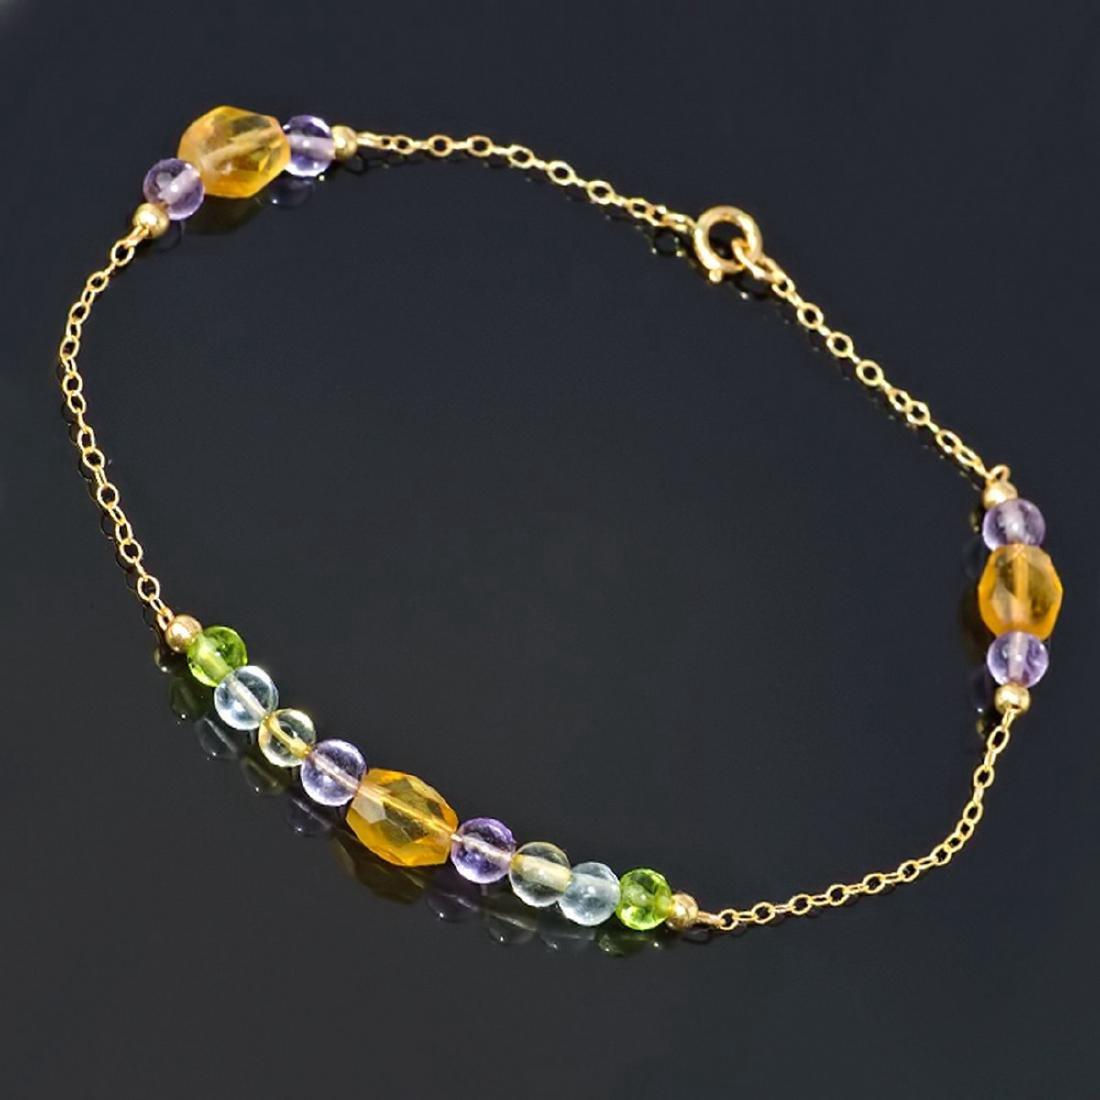 14K Gold Peridot Topaz Amethyst Citrine Chain Bracelet